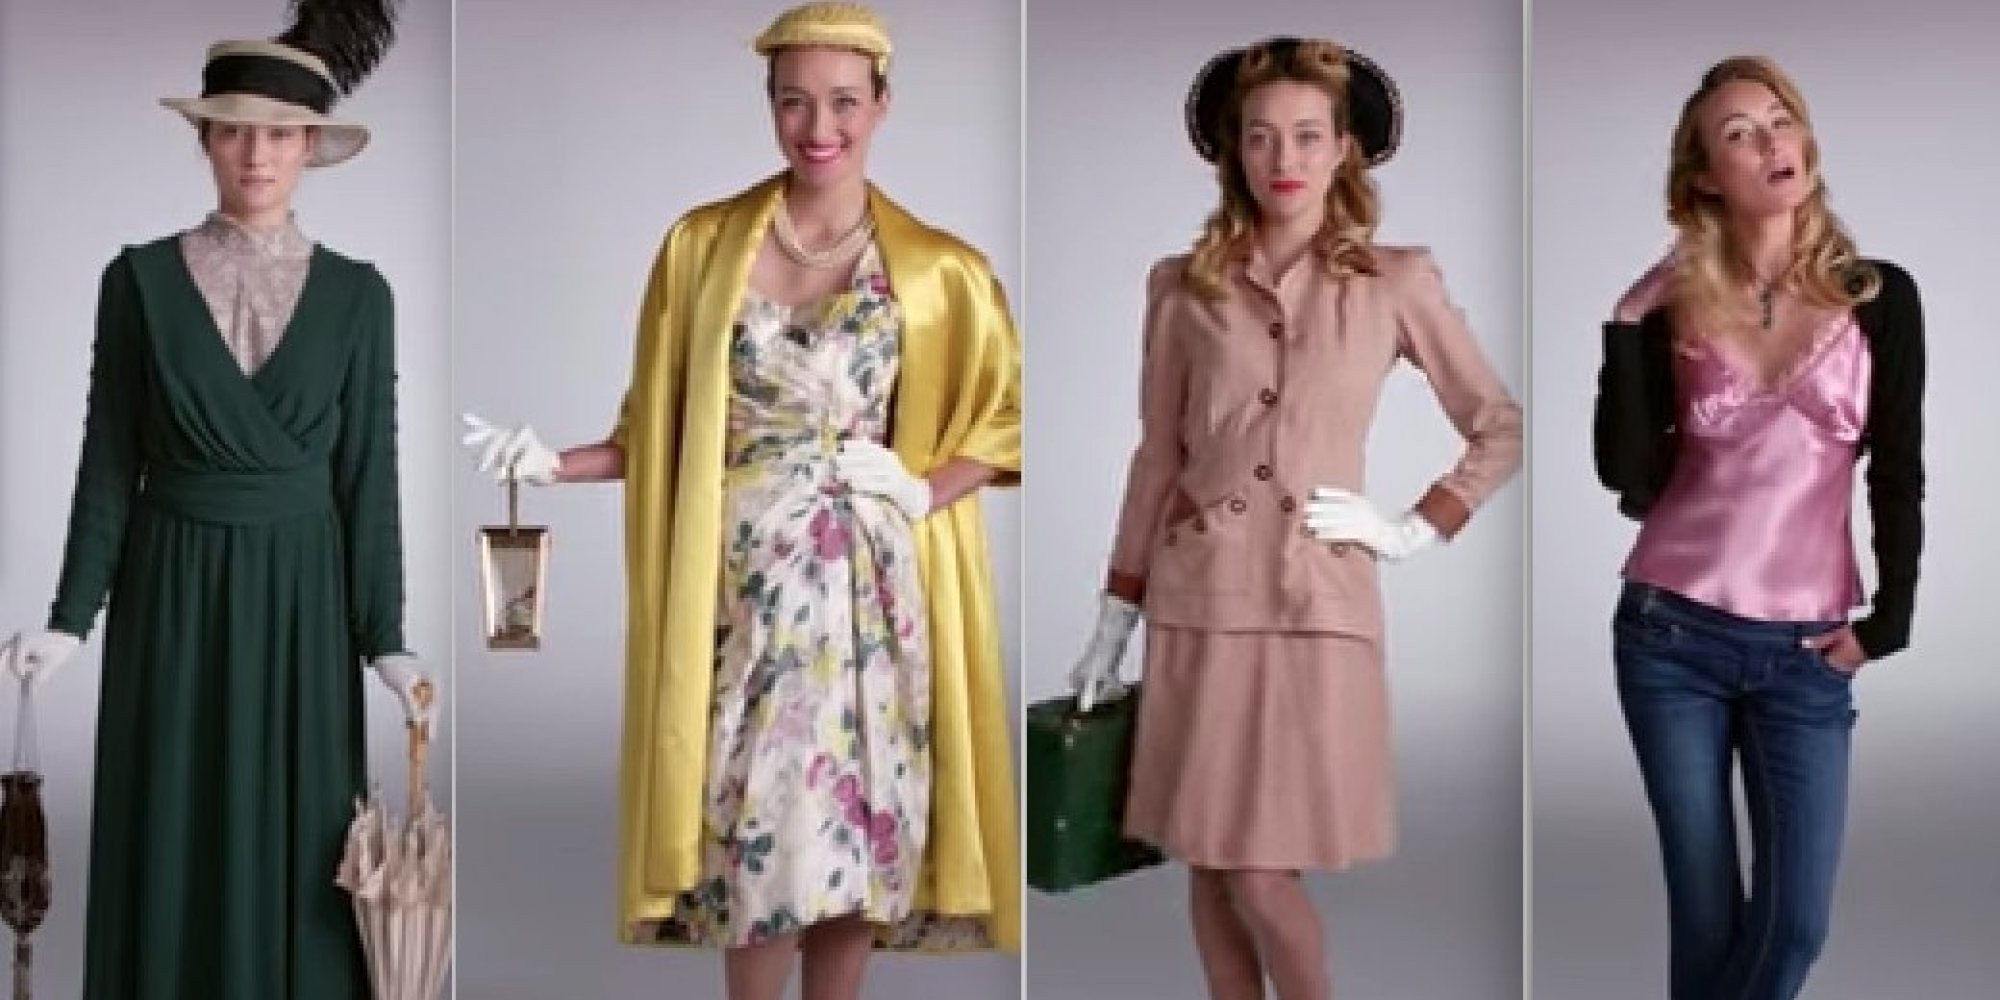 100 anos de moda feminina em apenas 2 minutos (VÍDEO)